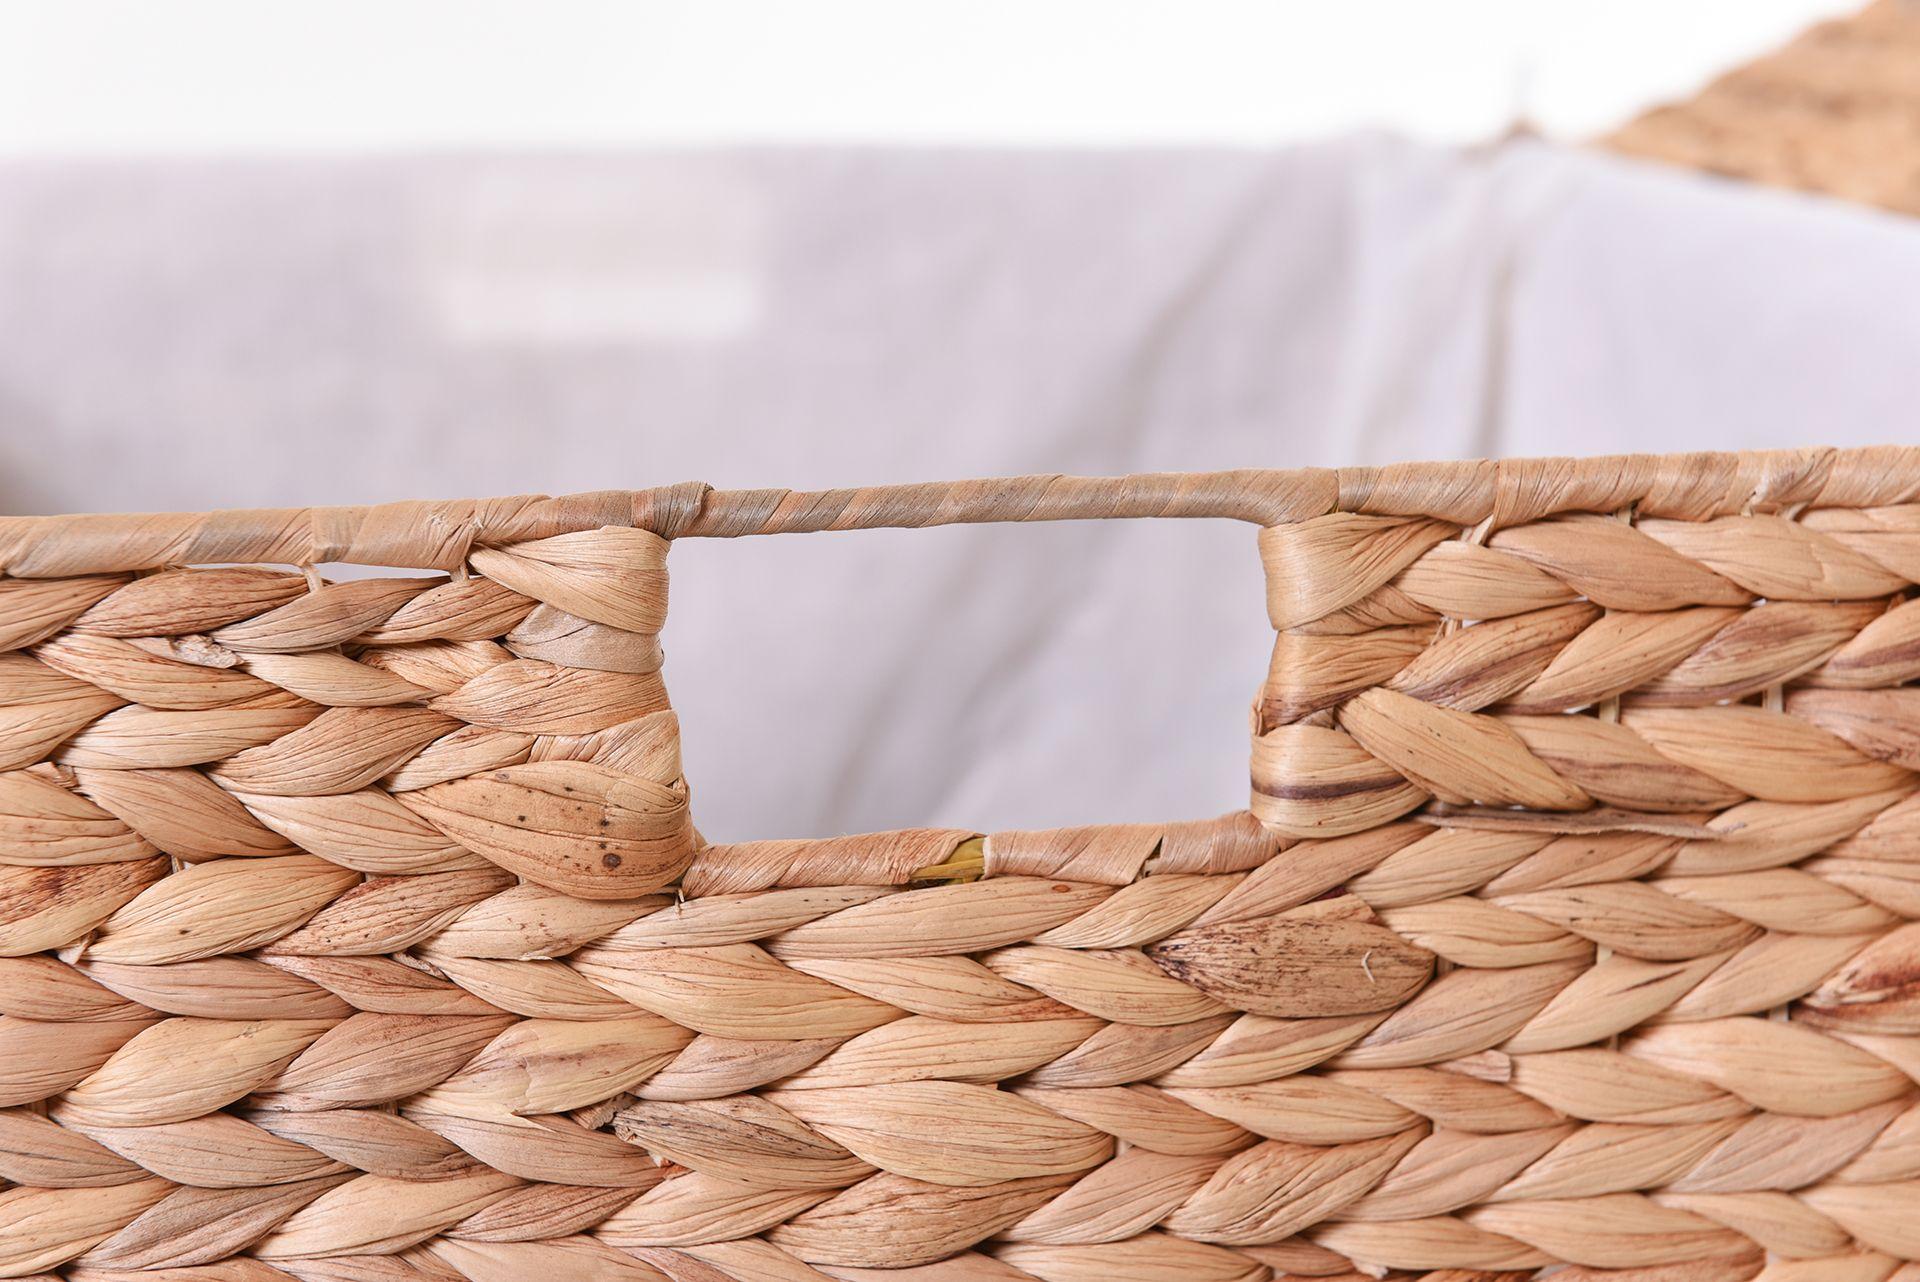 VIVANNO Wäschekorb Korb Wäschebox aus Wasserhyazinthe'Mia' 70cm hoch AE Trade Online ~ 18001155_Wäschekorb Wasserhyazinthe Groß